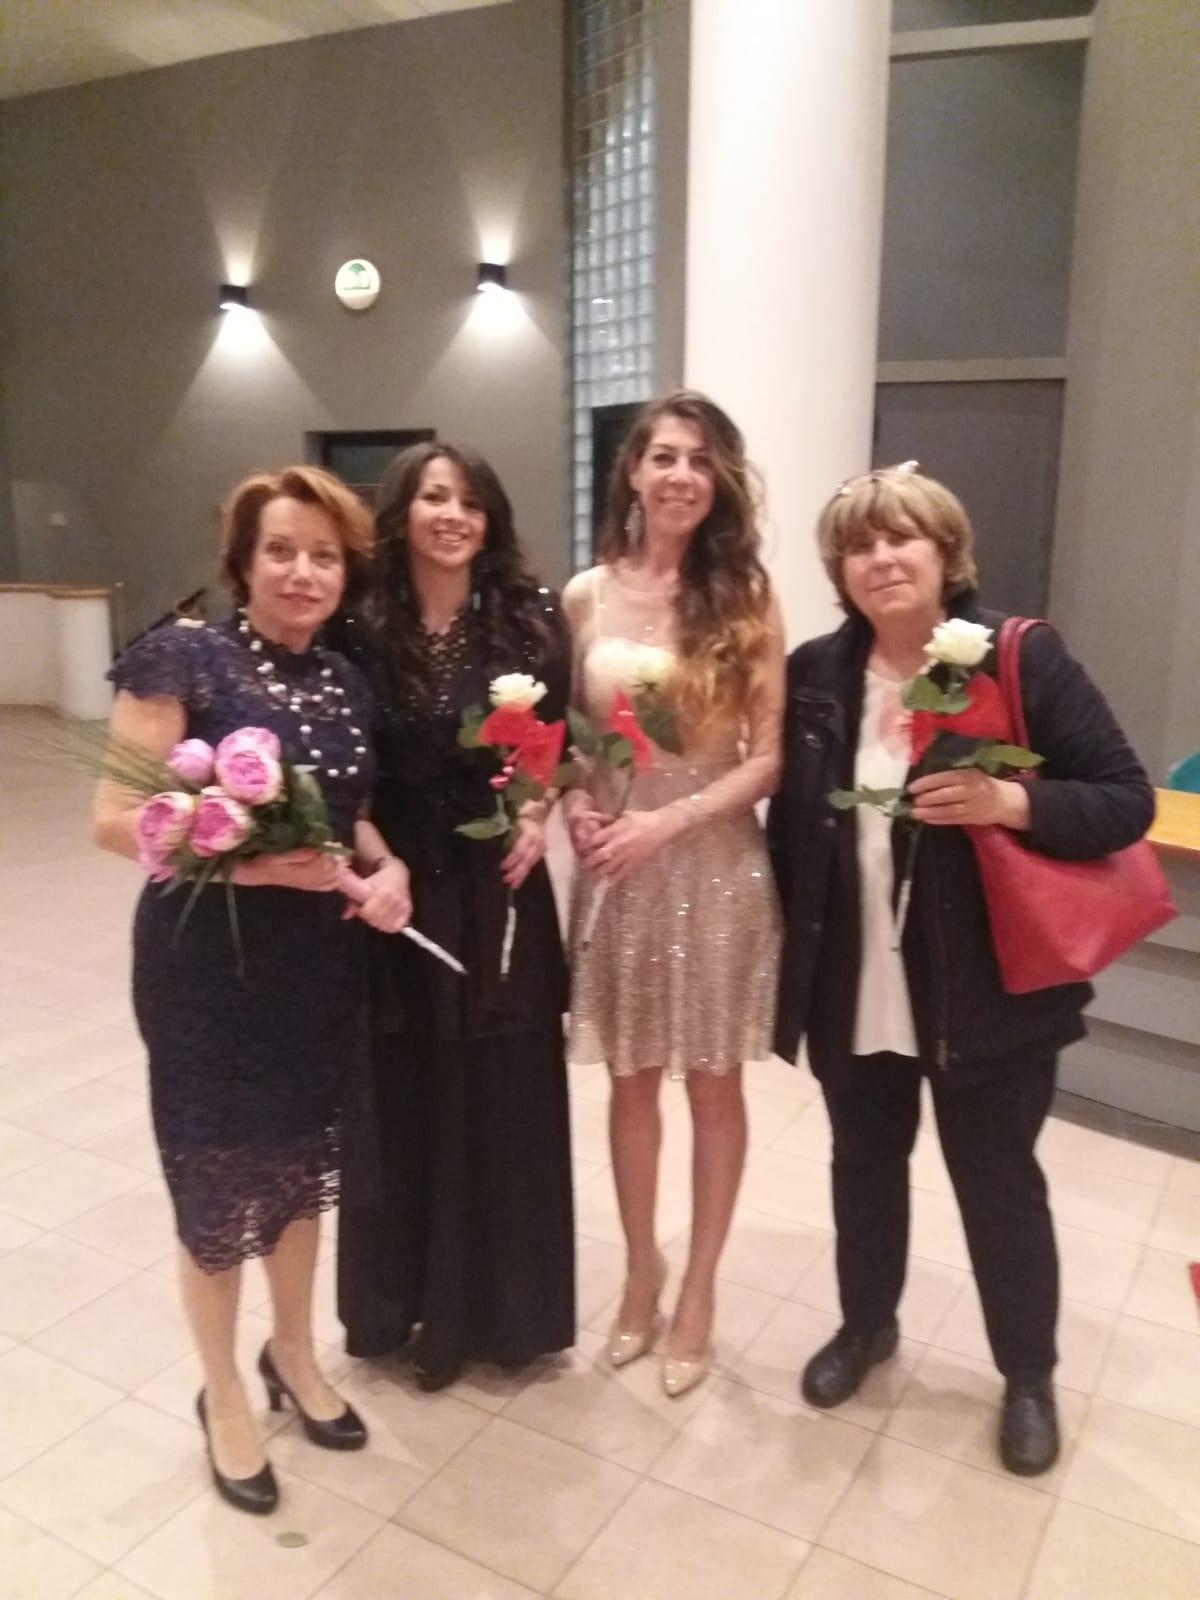 seconda e quarta sono Dhebora Mirabelli e Janna Carioli